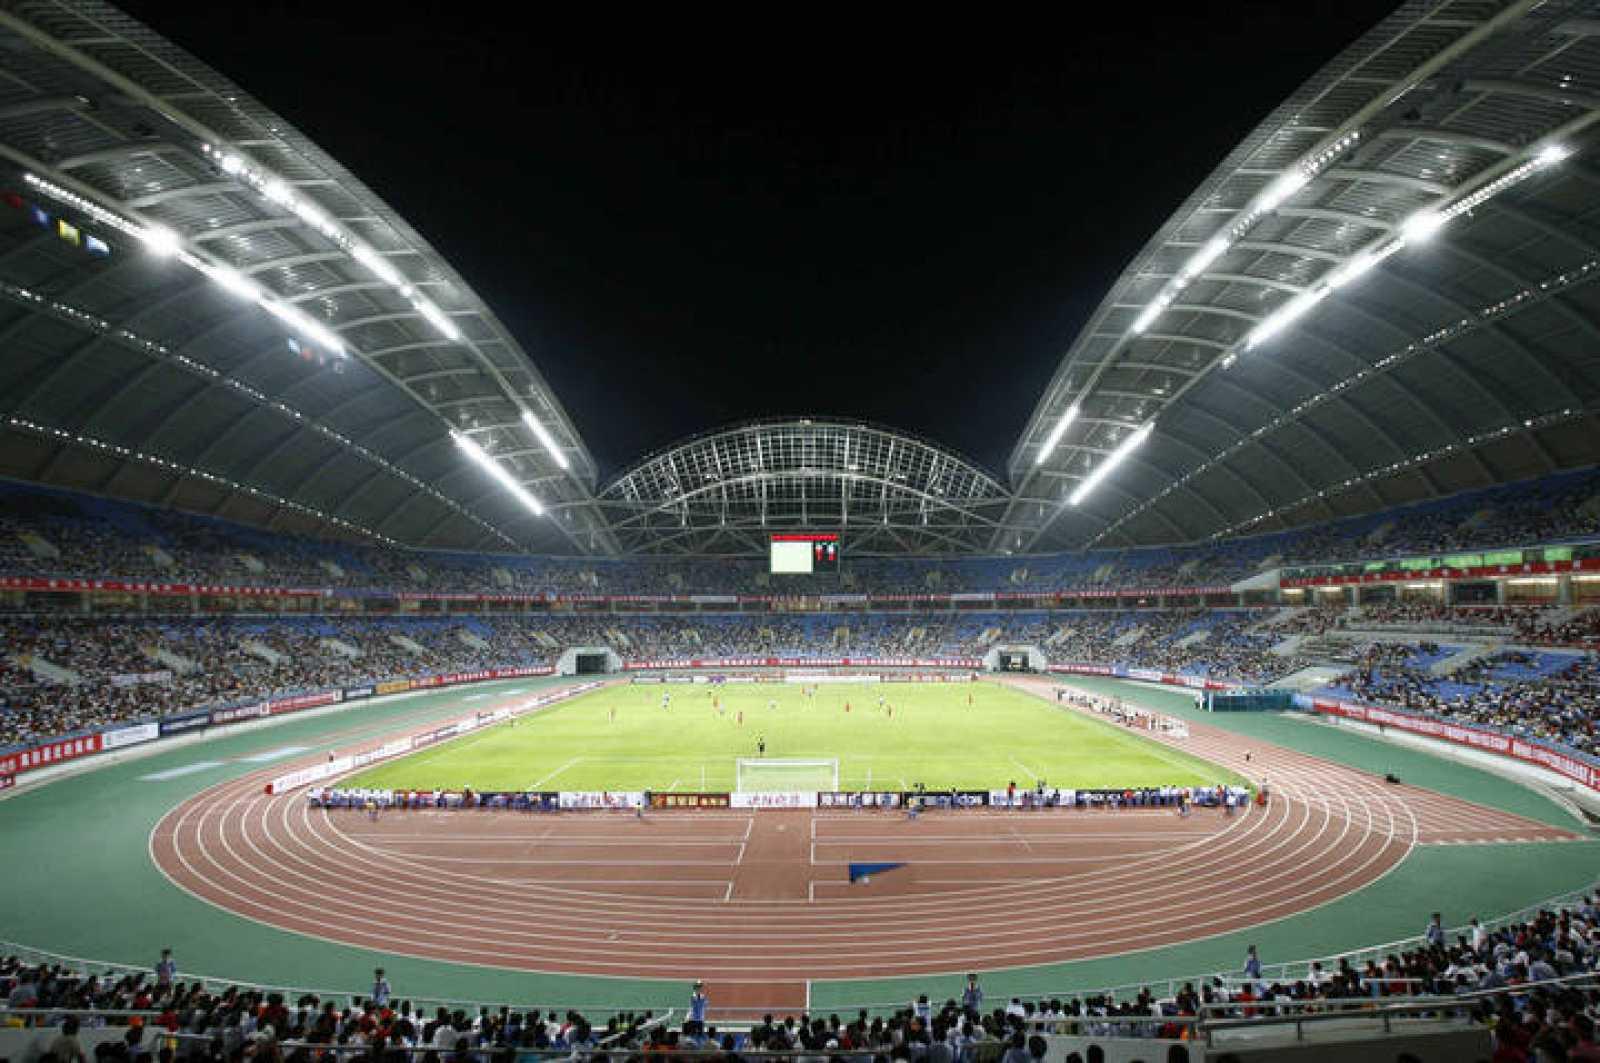 Estadio Olímpico de Shenyang